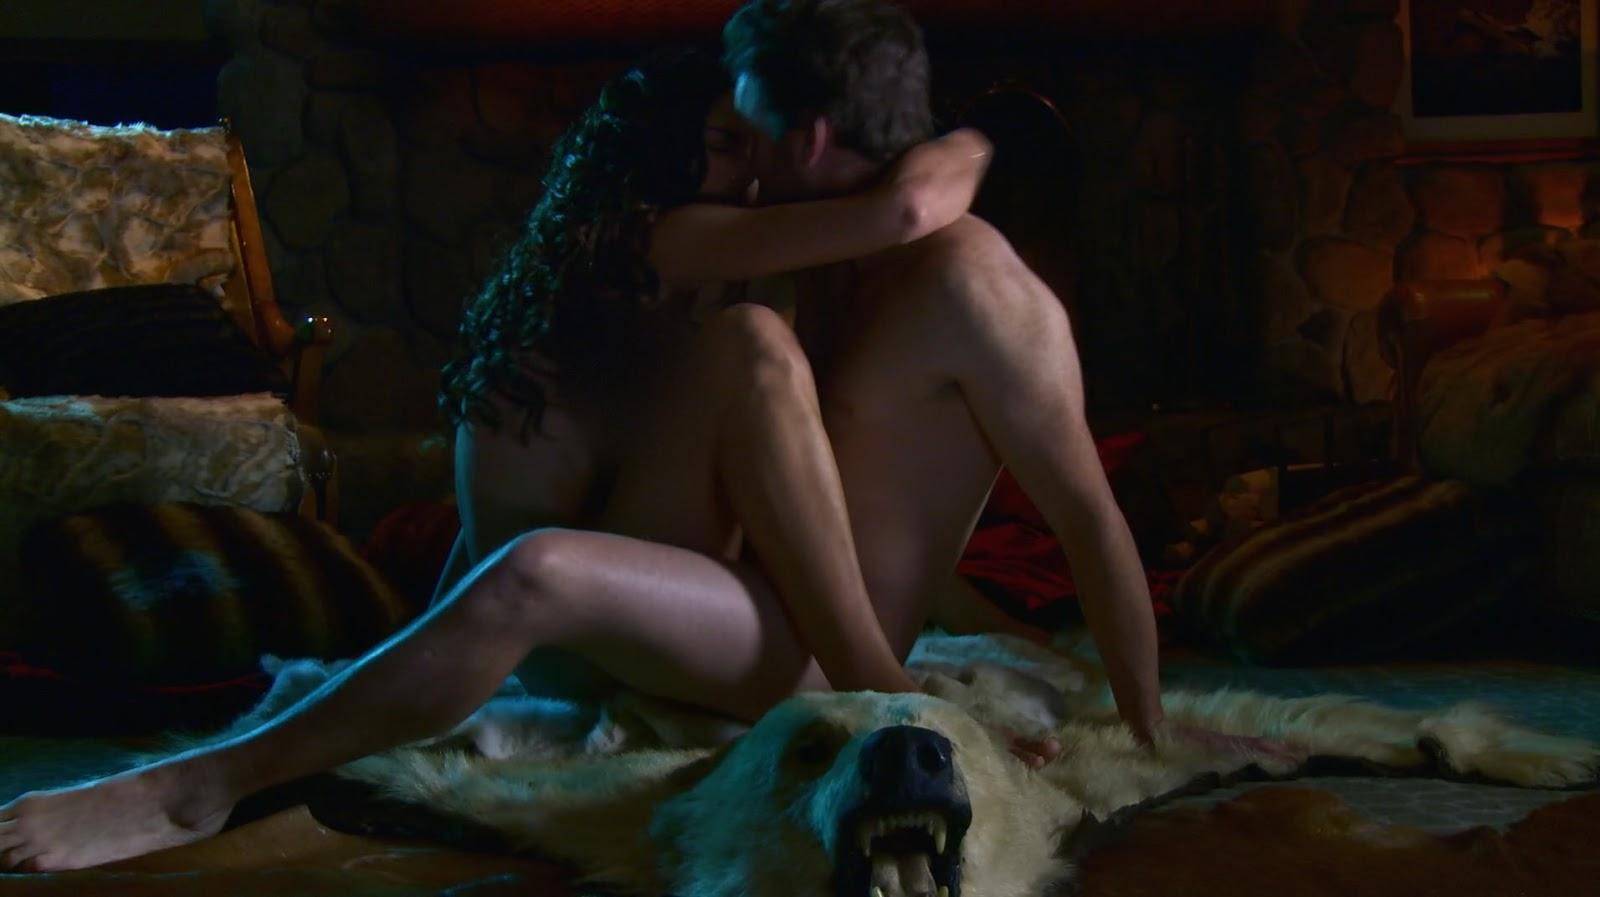 philadelphia sex scene